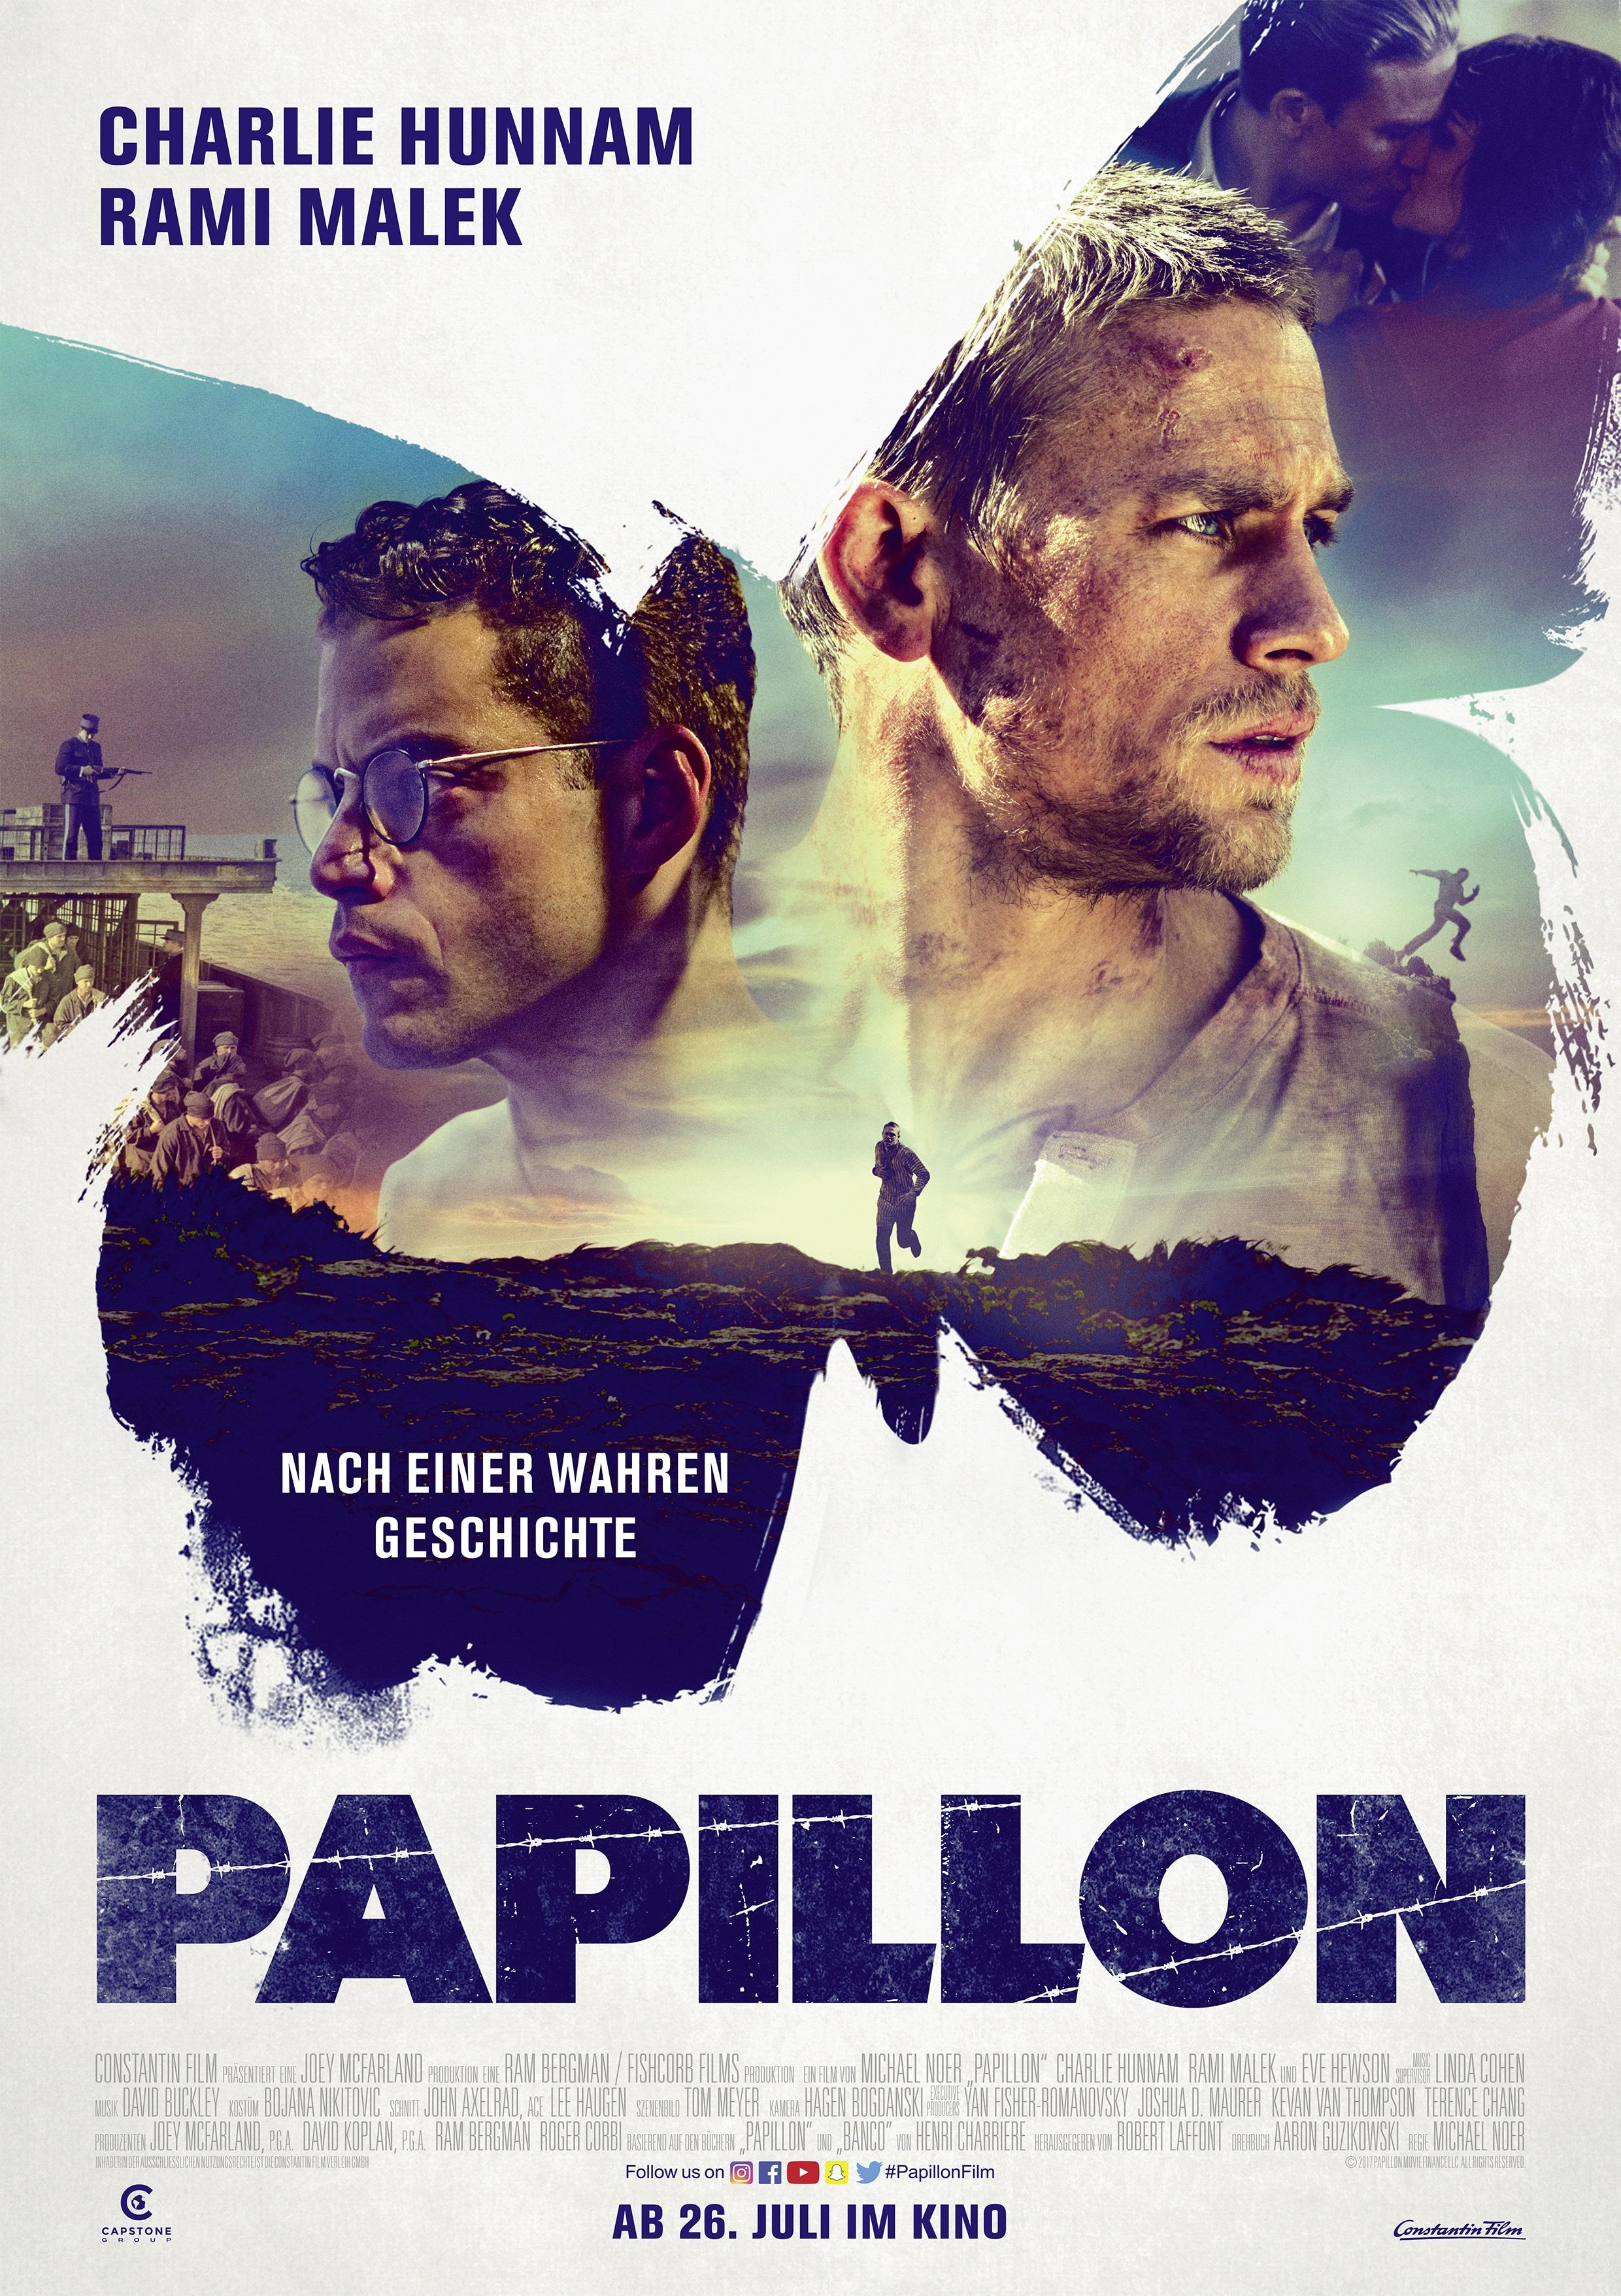 PAPILLON_Plakat_A4_klein.jpg